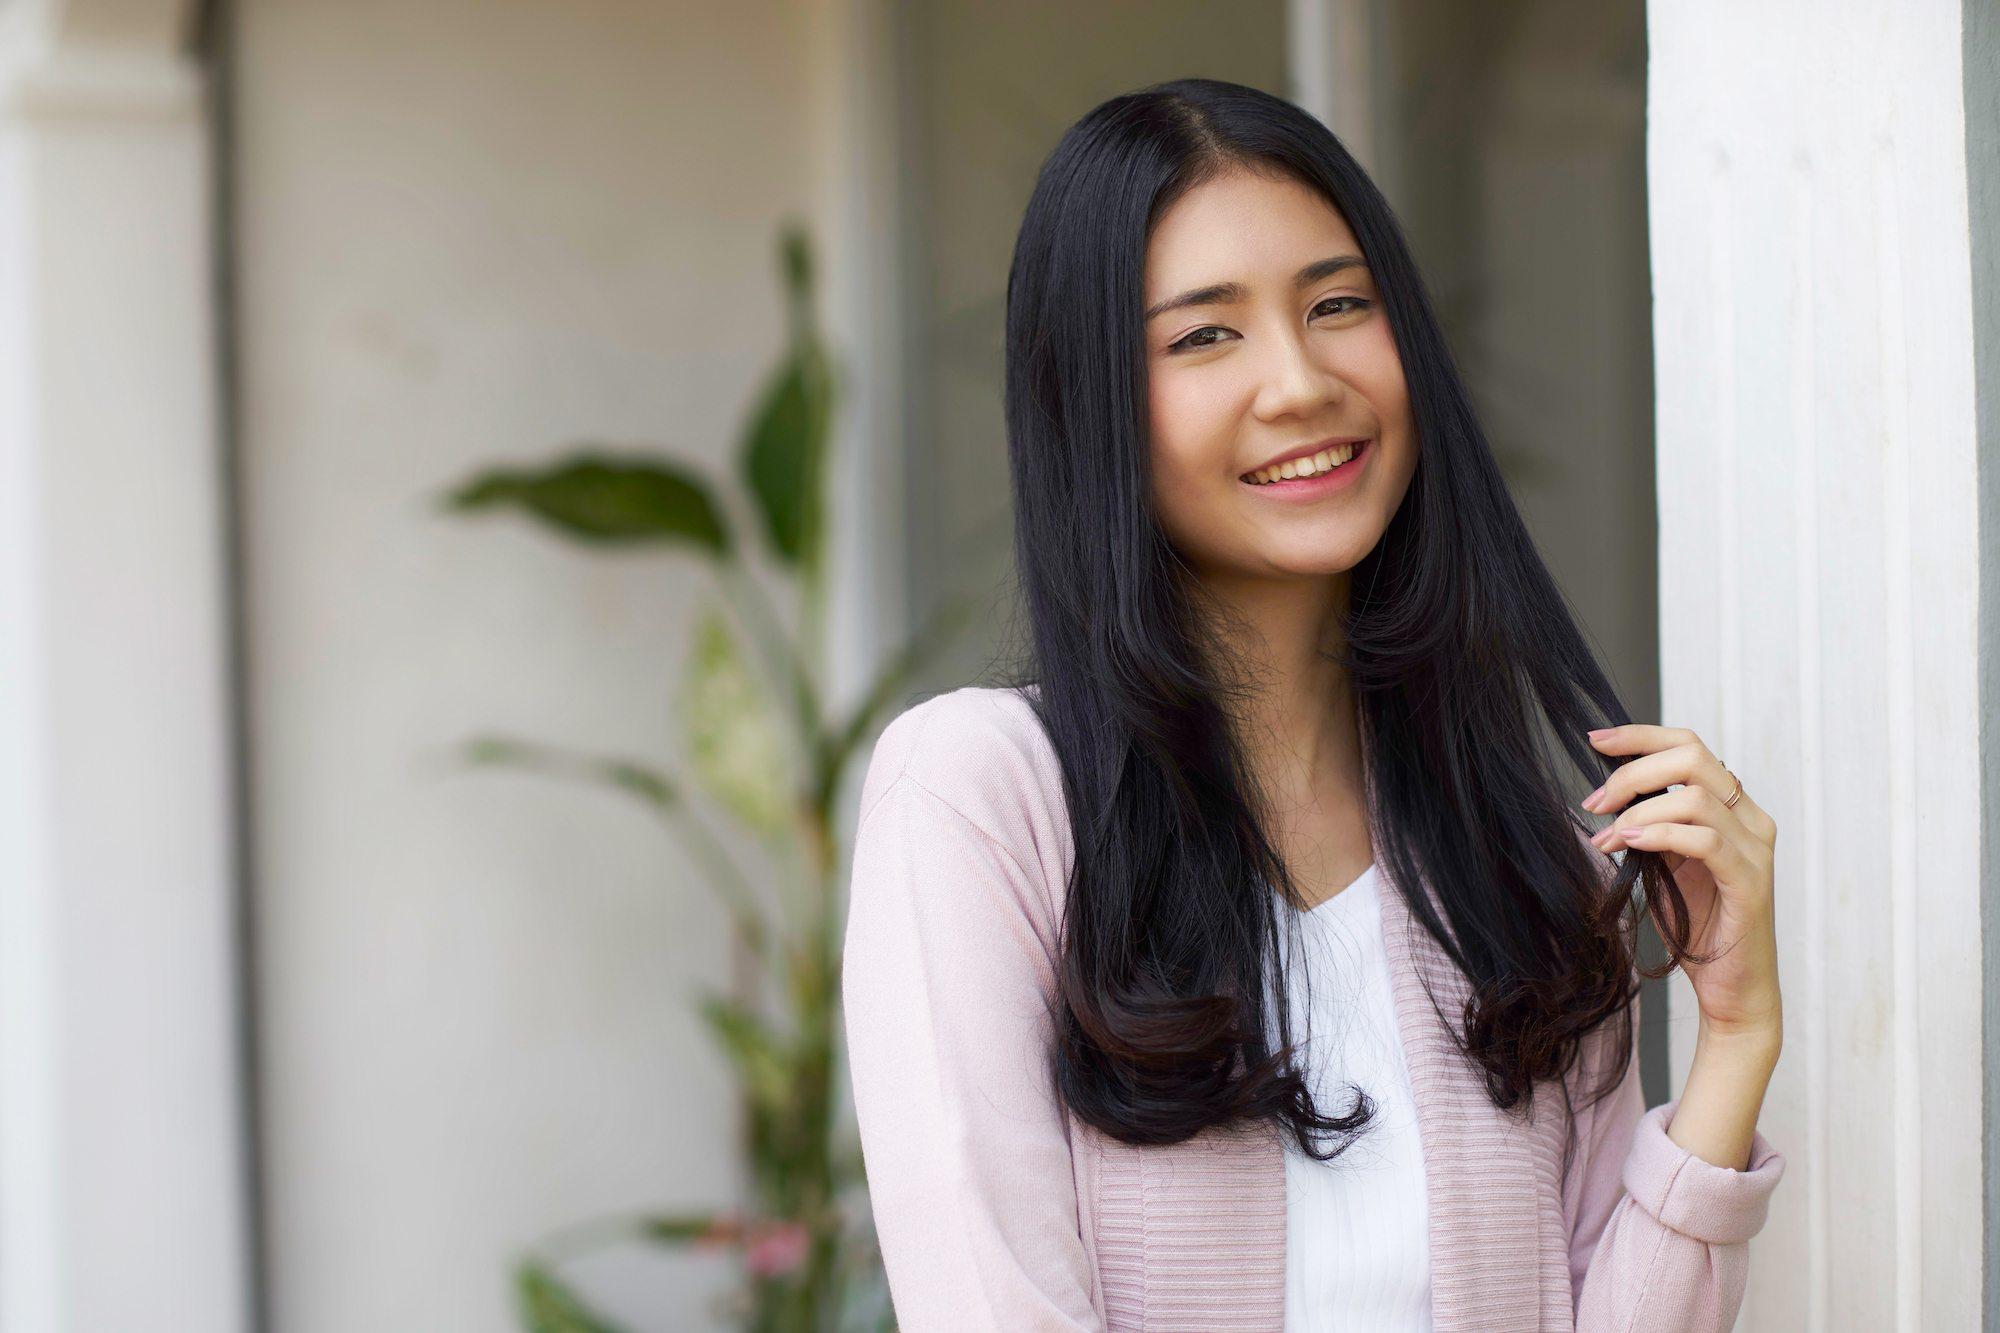 Wanita asia dengan rambut korean c-curls